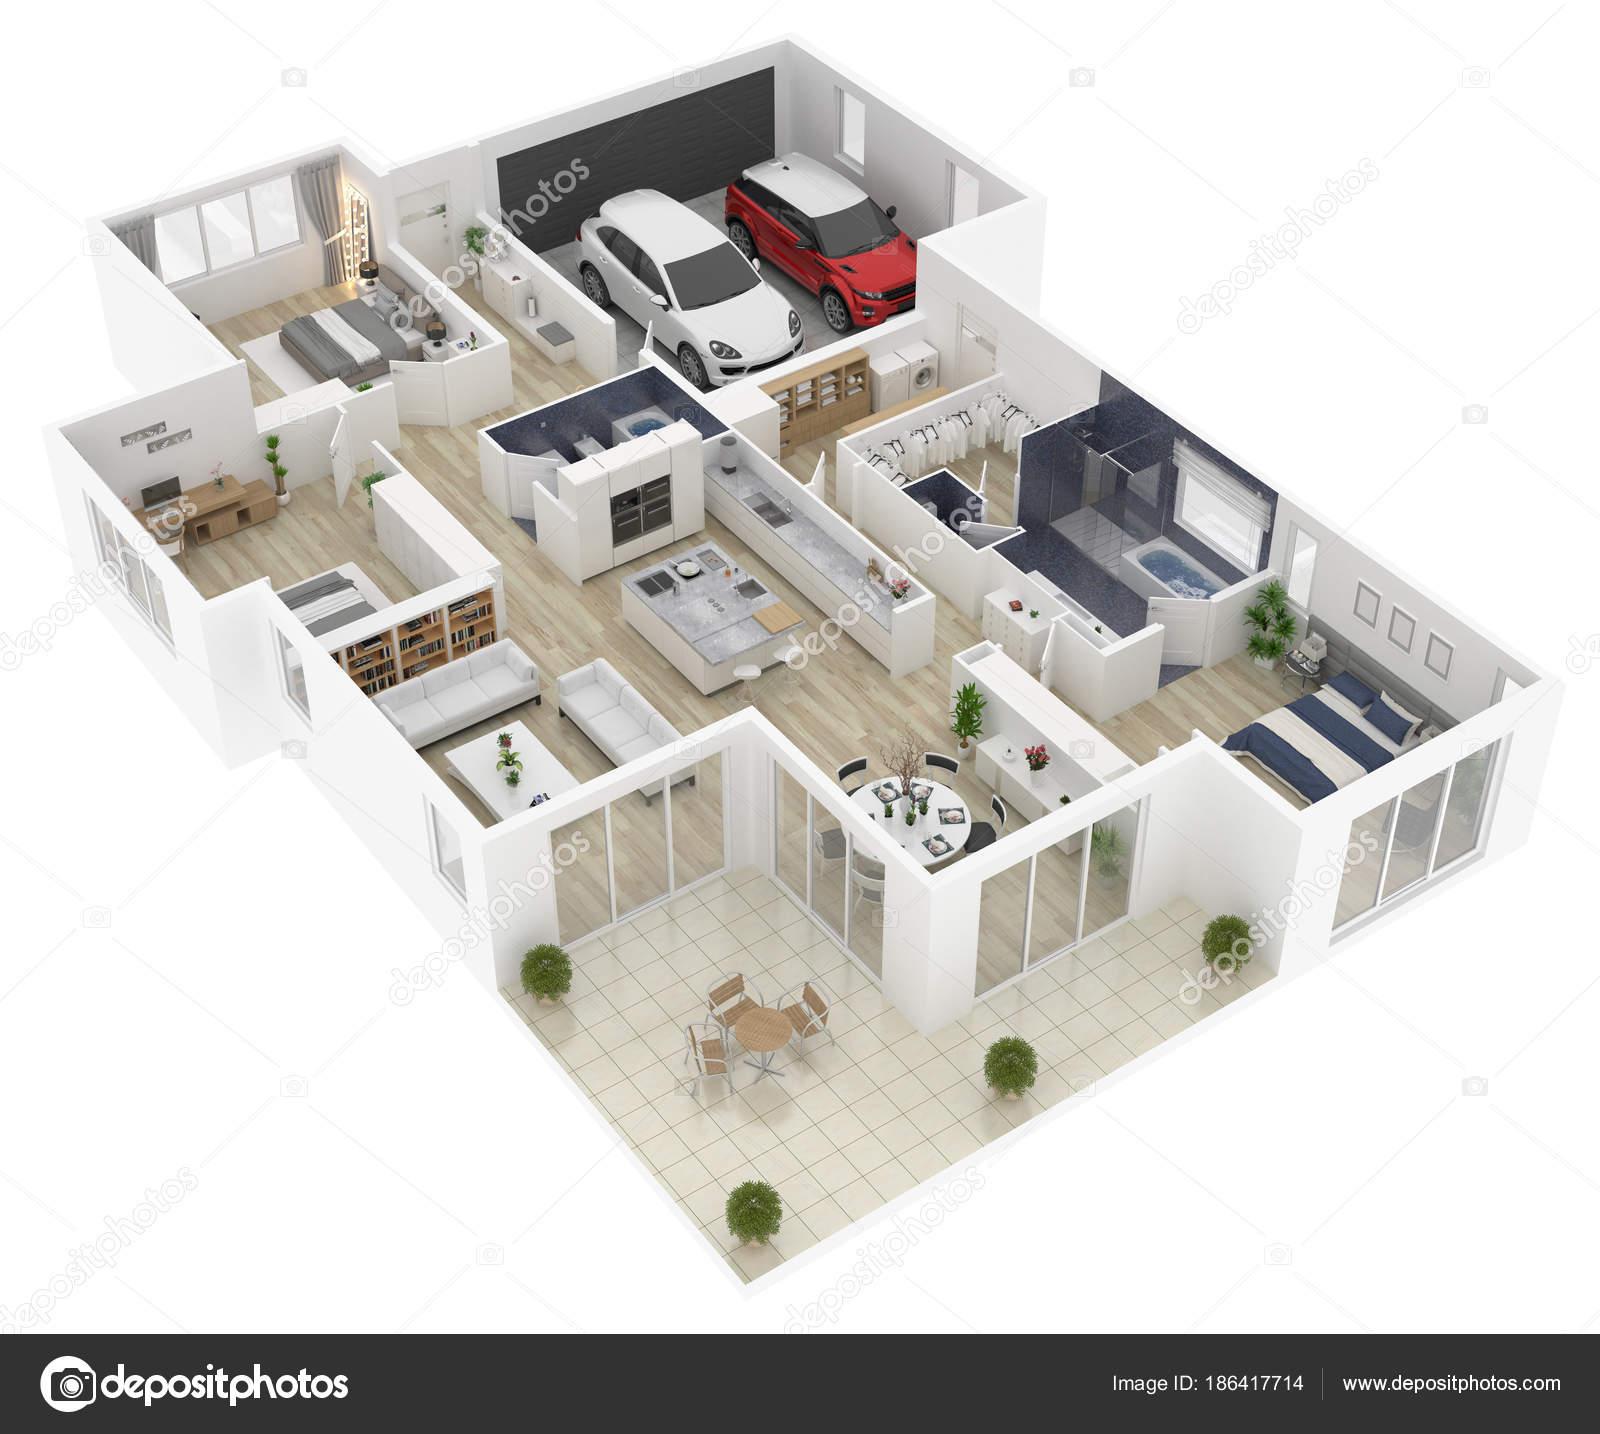 Dise o de casas 3d dekoratioun wallpaper for Planner casa 3d